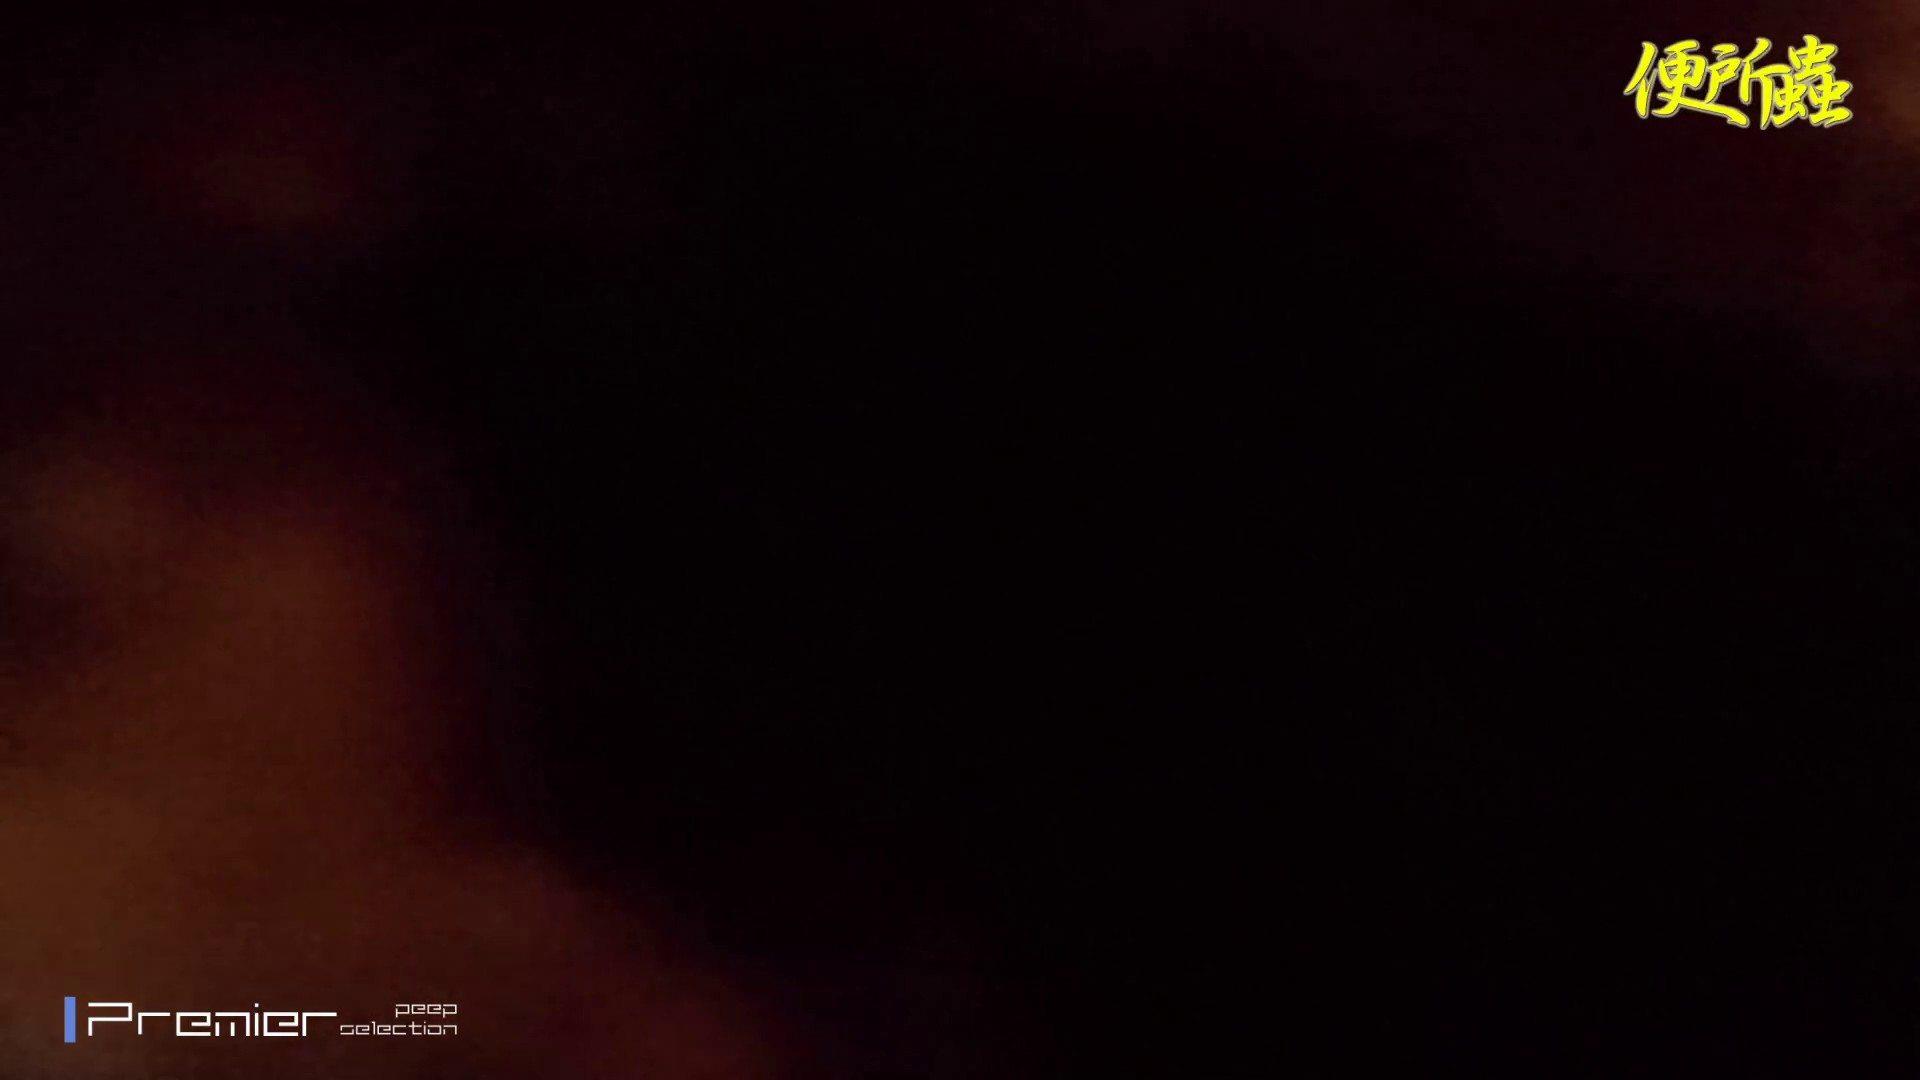 洗面所のBEN所蟲さんリターン vol.27 お姉さんのSEX アダルト動画キャプチャ 111枚 84